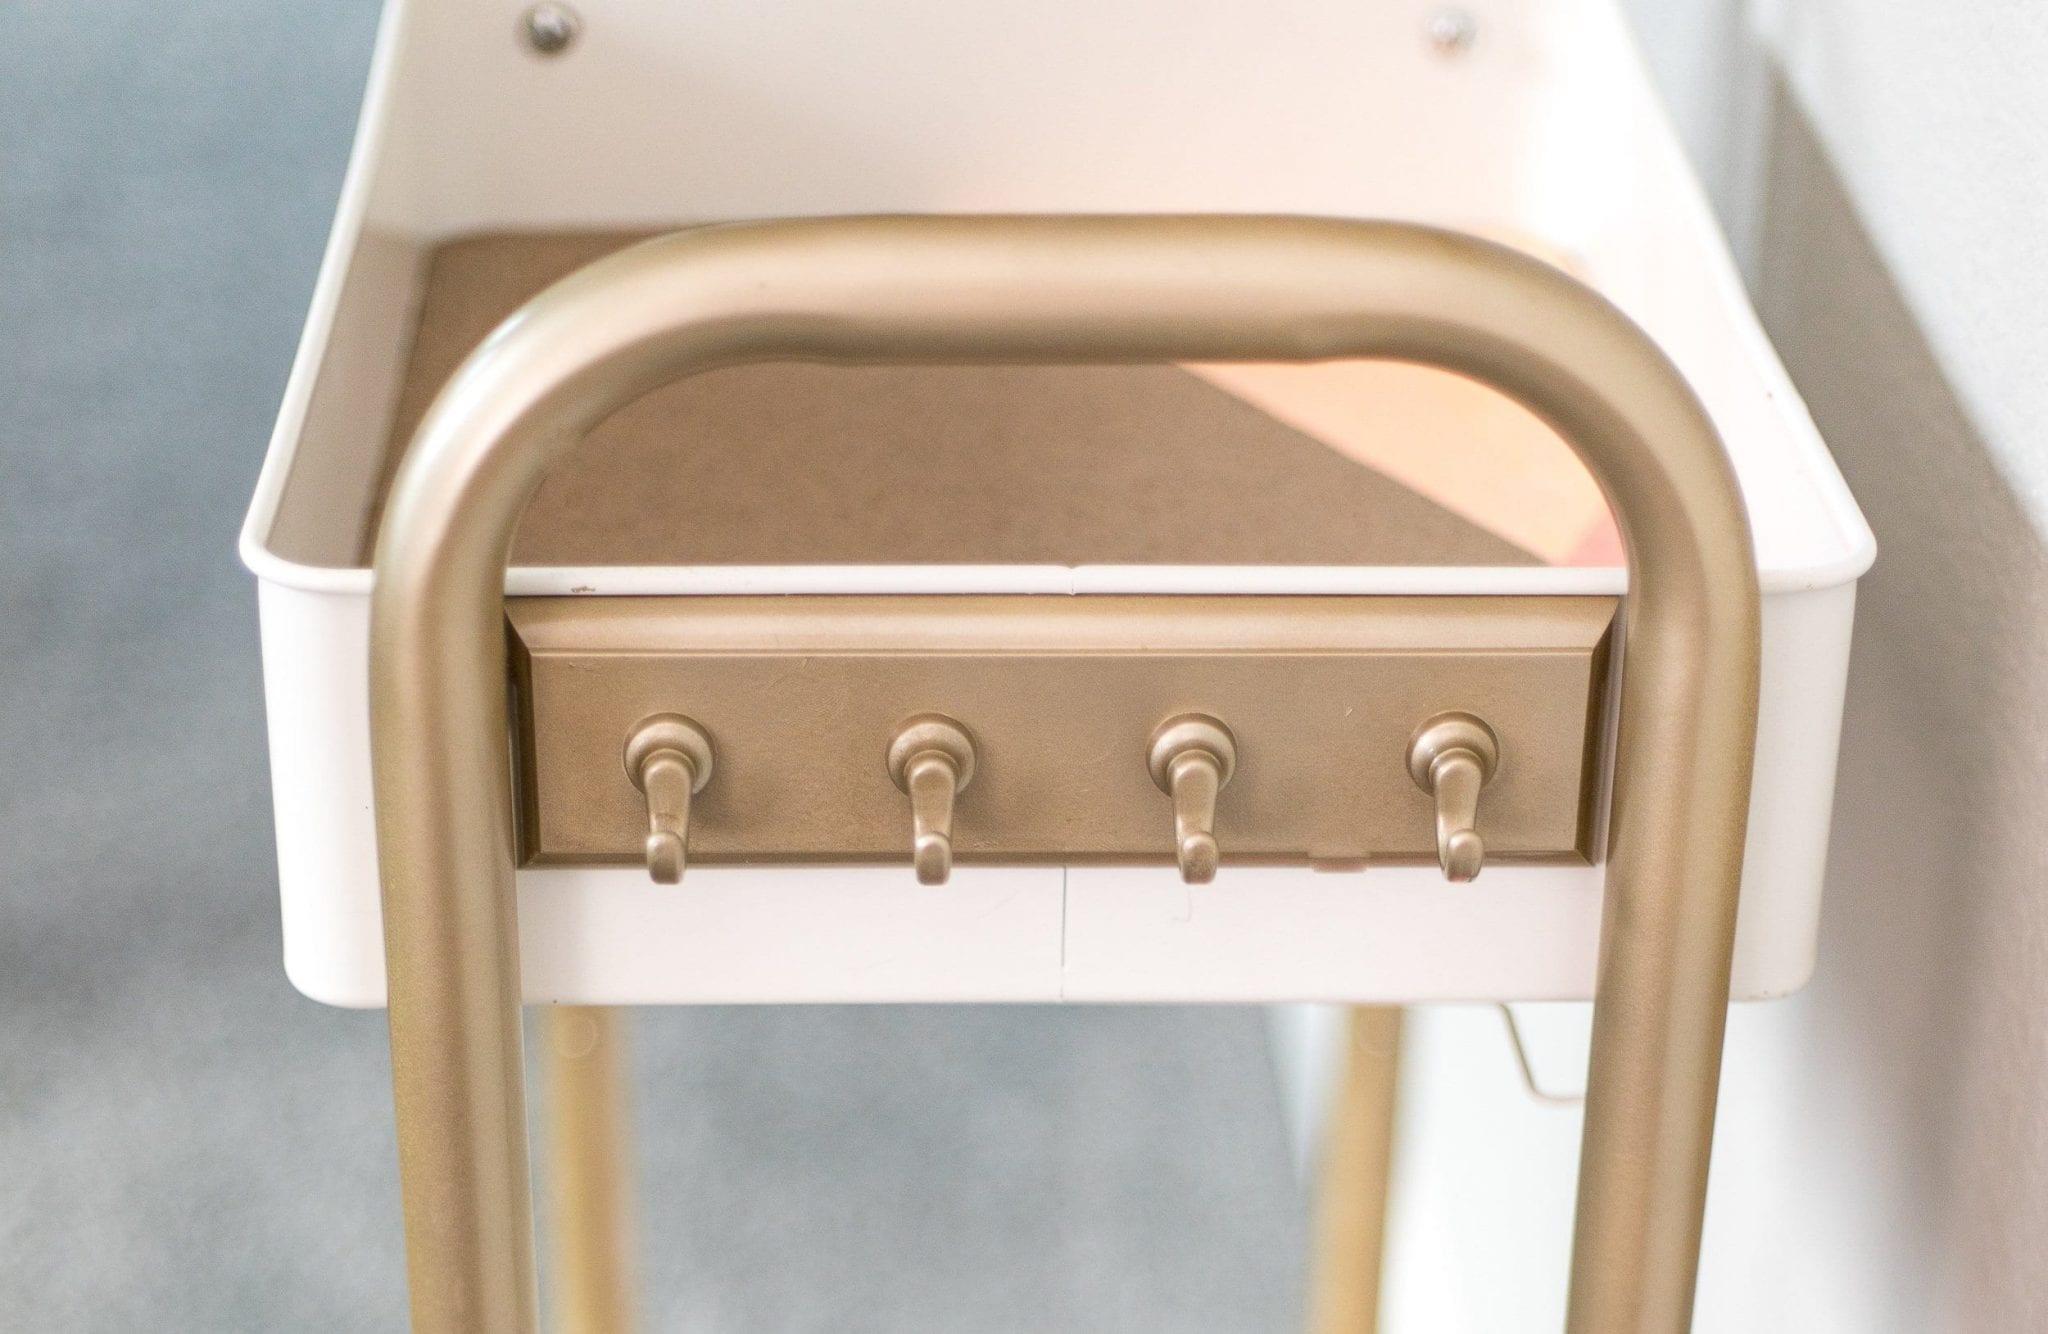 bar cart diy | bar cart diy metal | bar cart diy before and after | bar cart styling ideas | bar cart ideas | bar cart ideas DIY | Never Skip Brunch by Cara Newhart | #Brunch #DIY #barcart #neverskipbrunch